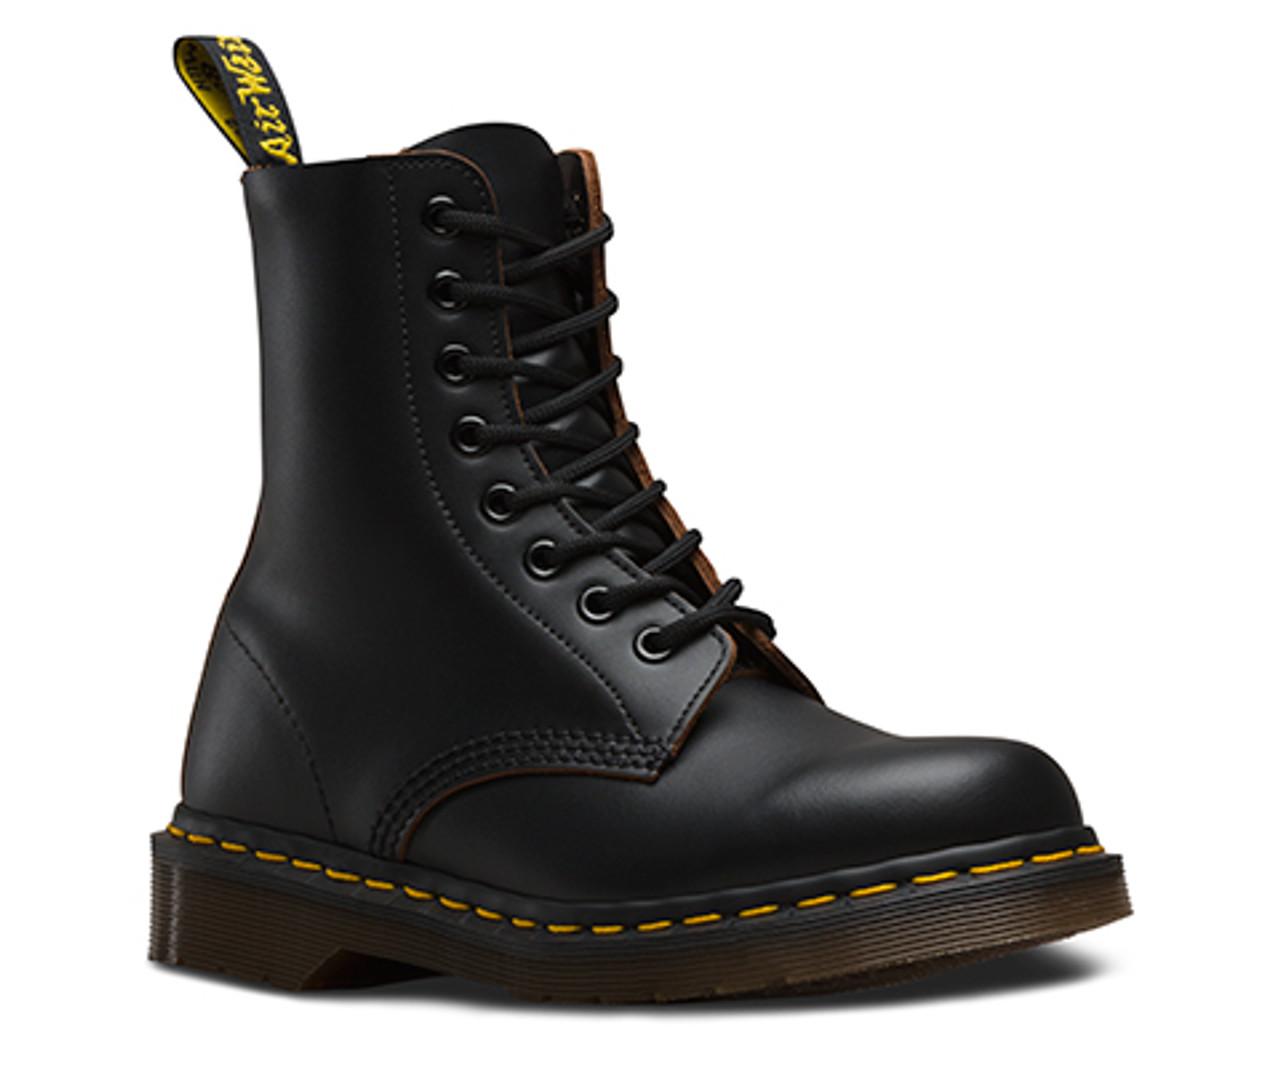 d085e2887c25c Dr. Martens Men's Original 1460 Vintage Leather Black - Made in England